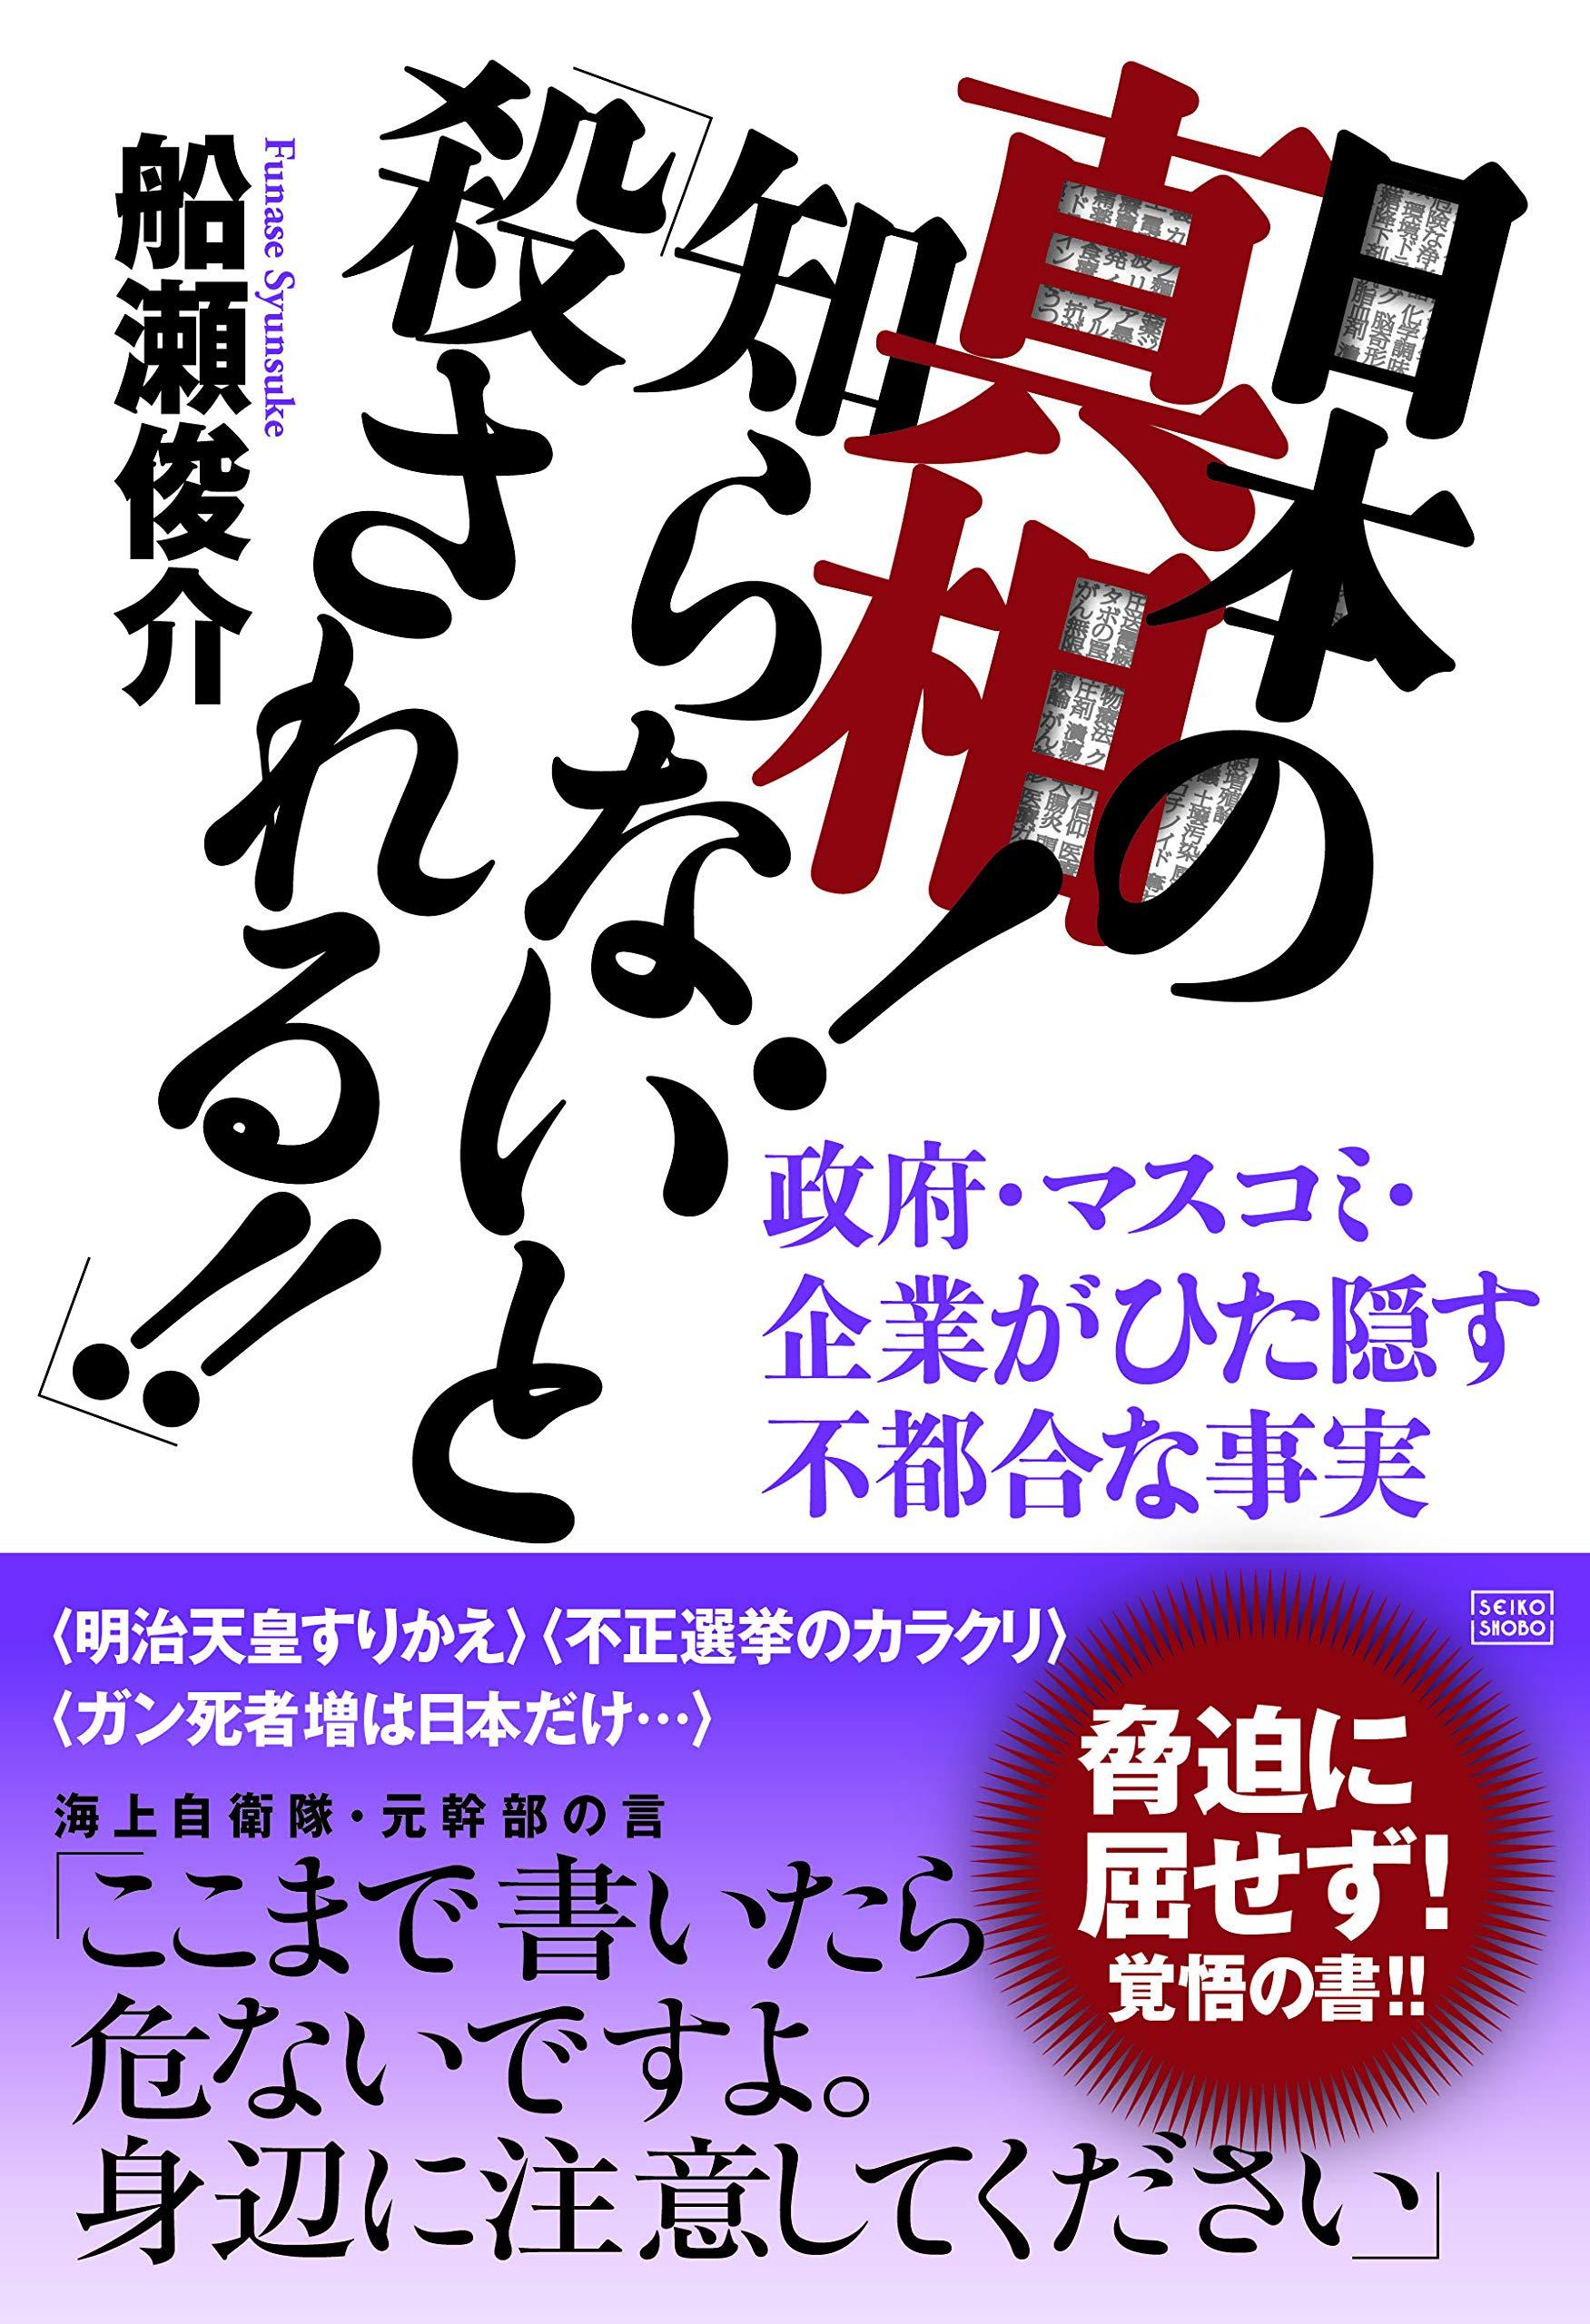 日本の真相! 知らないと「殺される‼」 政府・マスコミ・企業がひた隠す ...